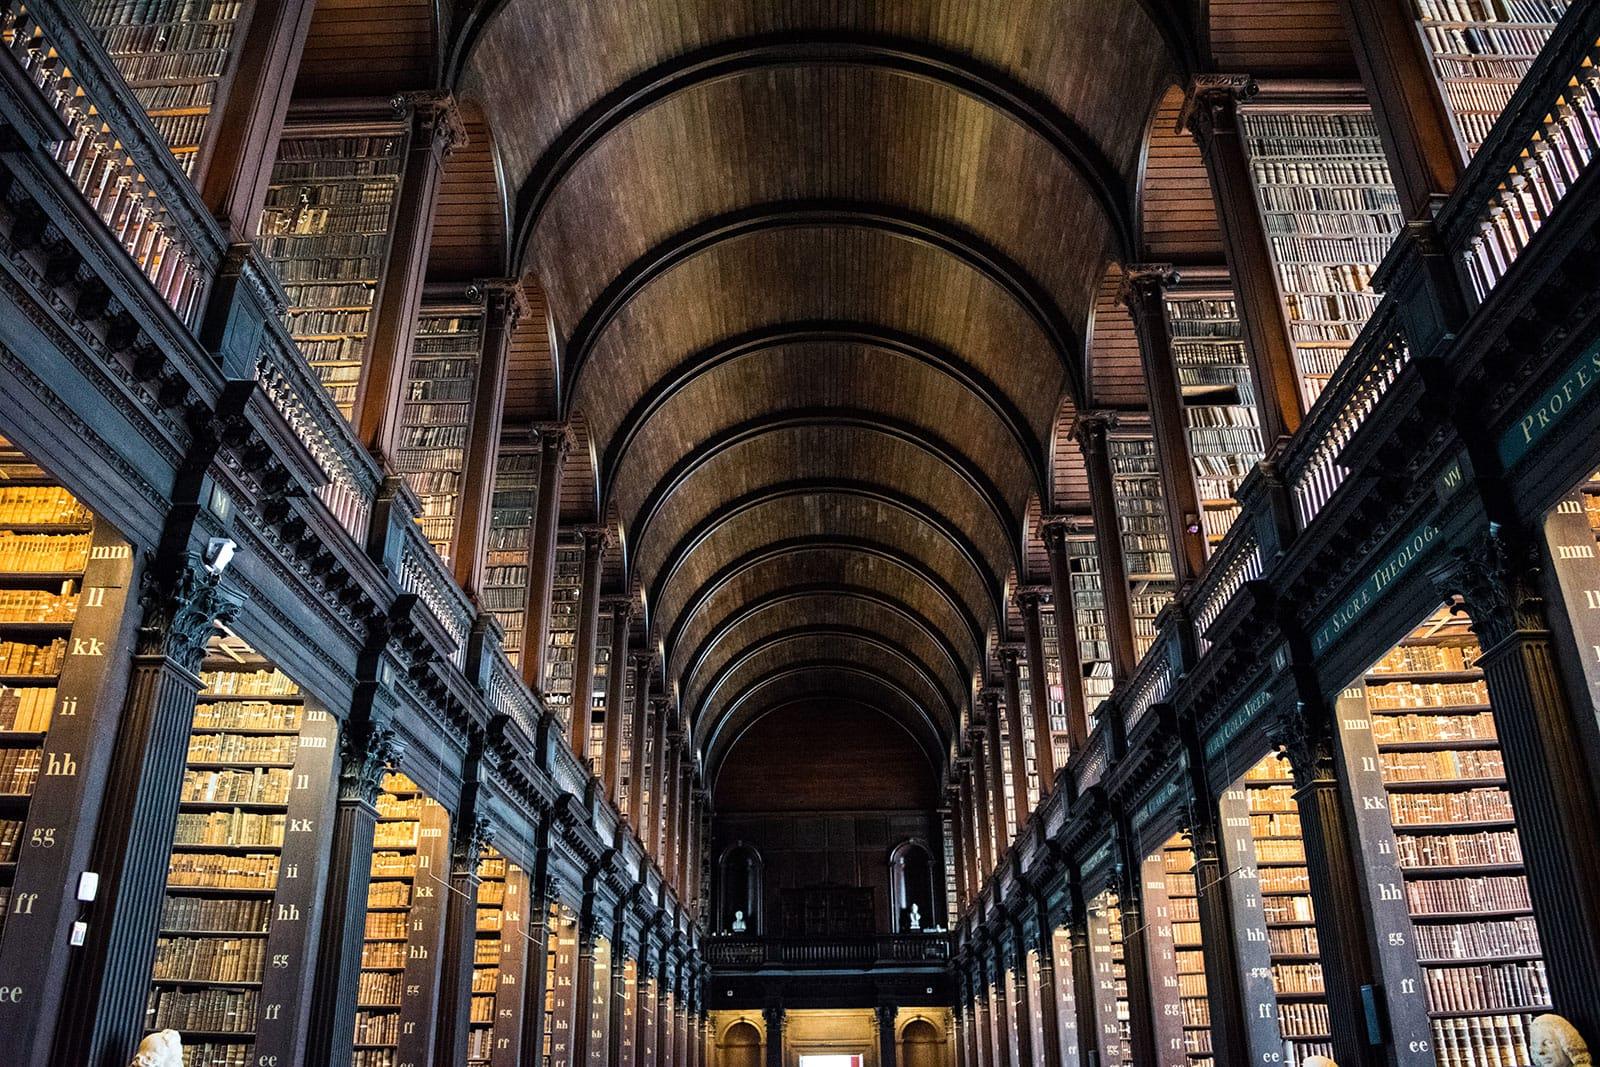 Stedentrip Dublin - Books of Kells